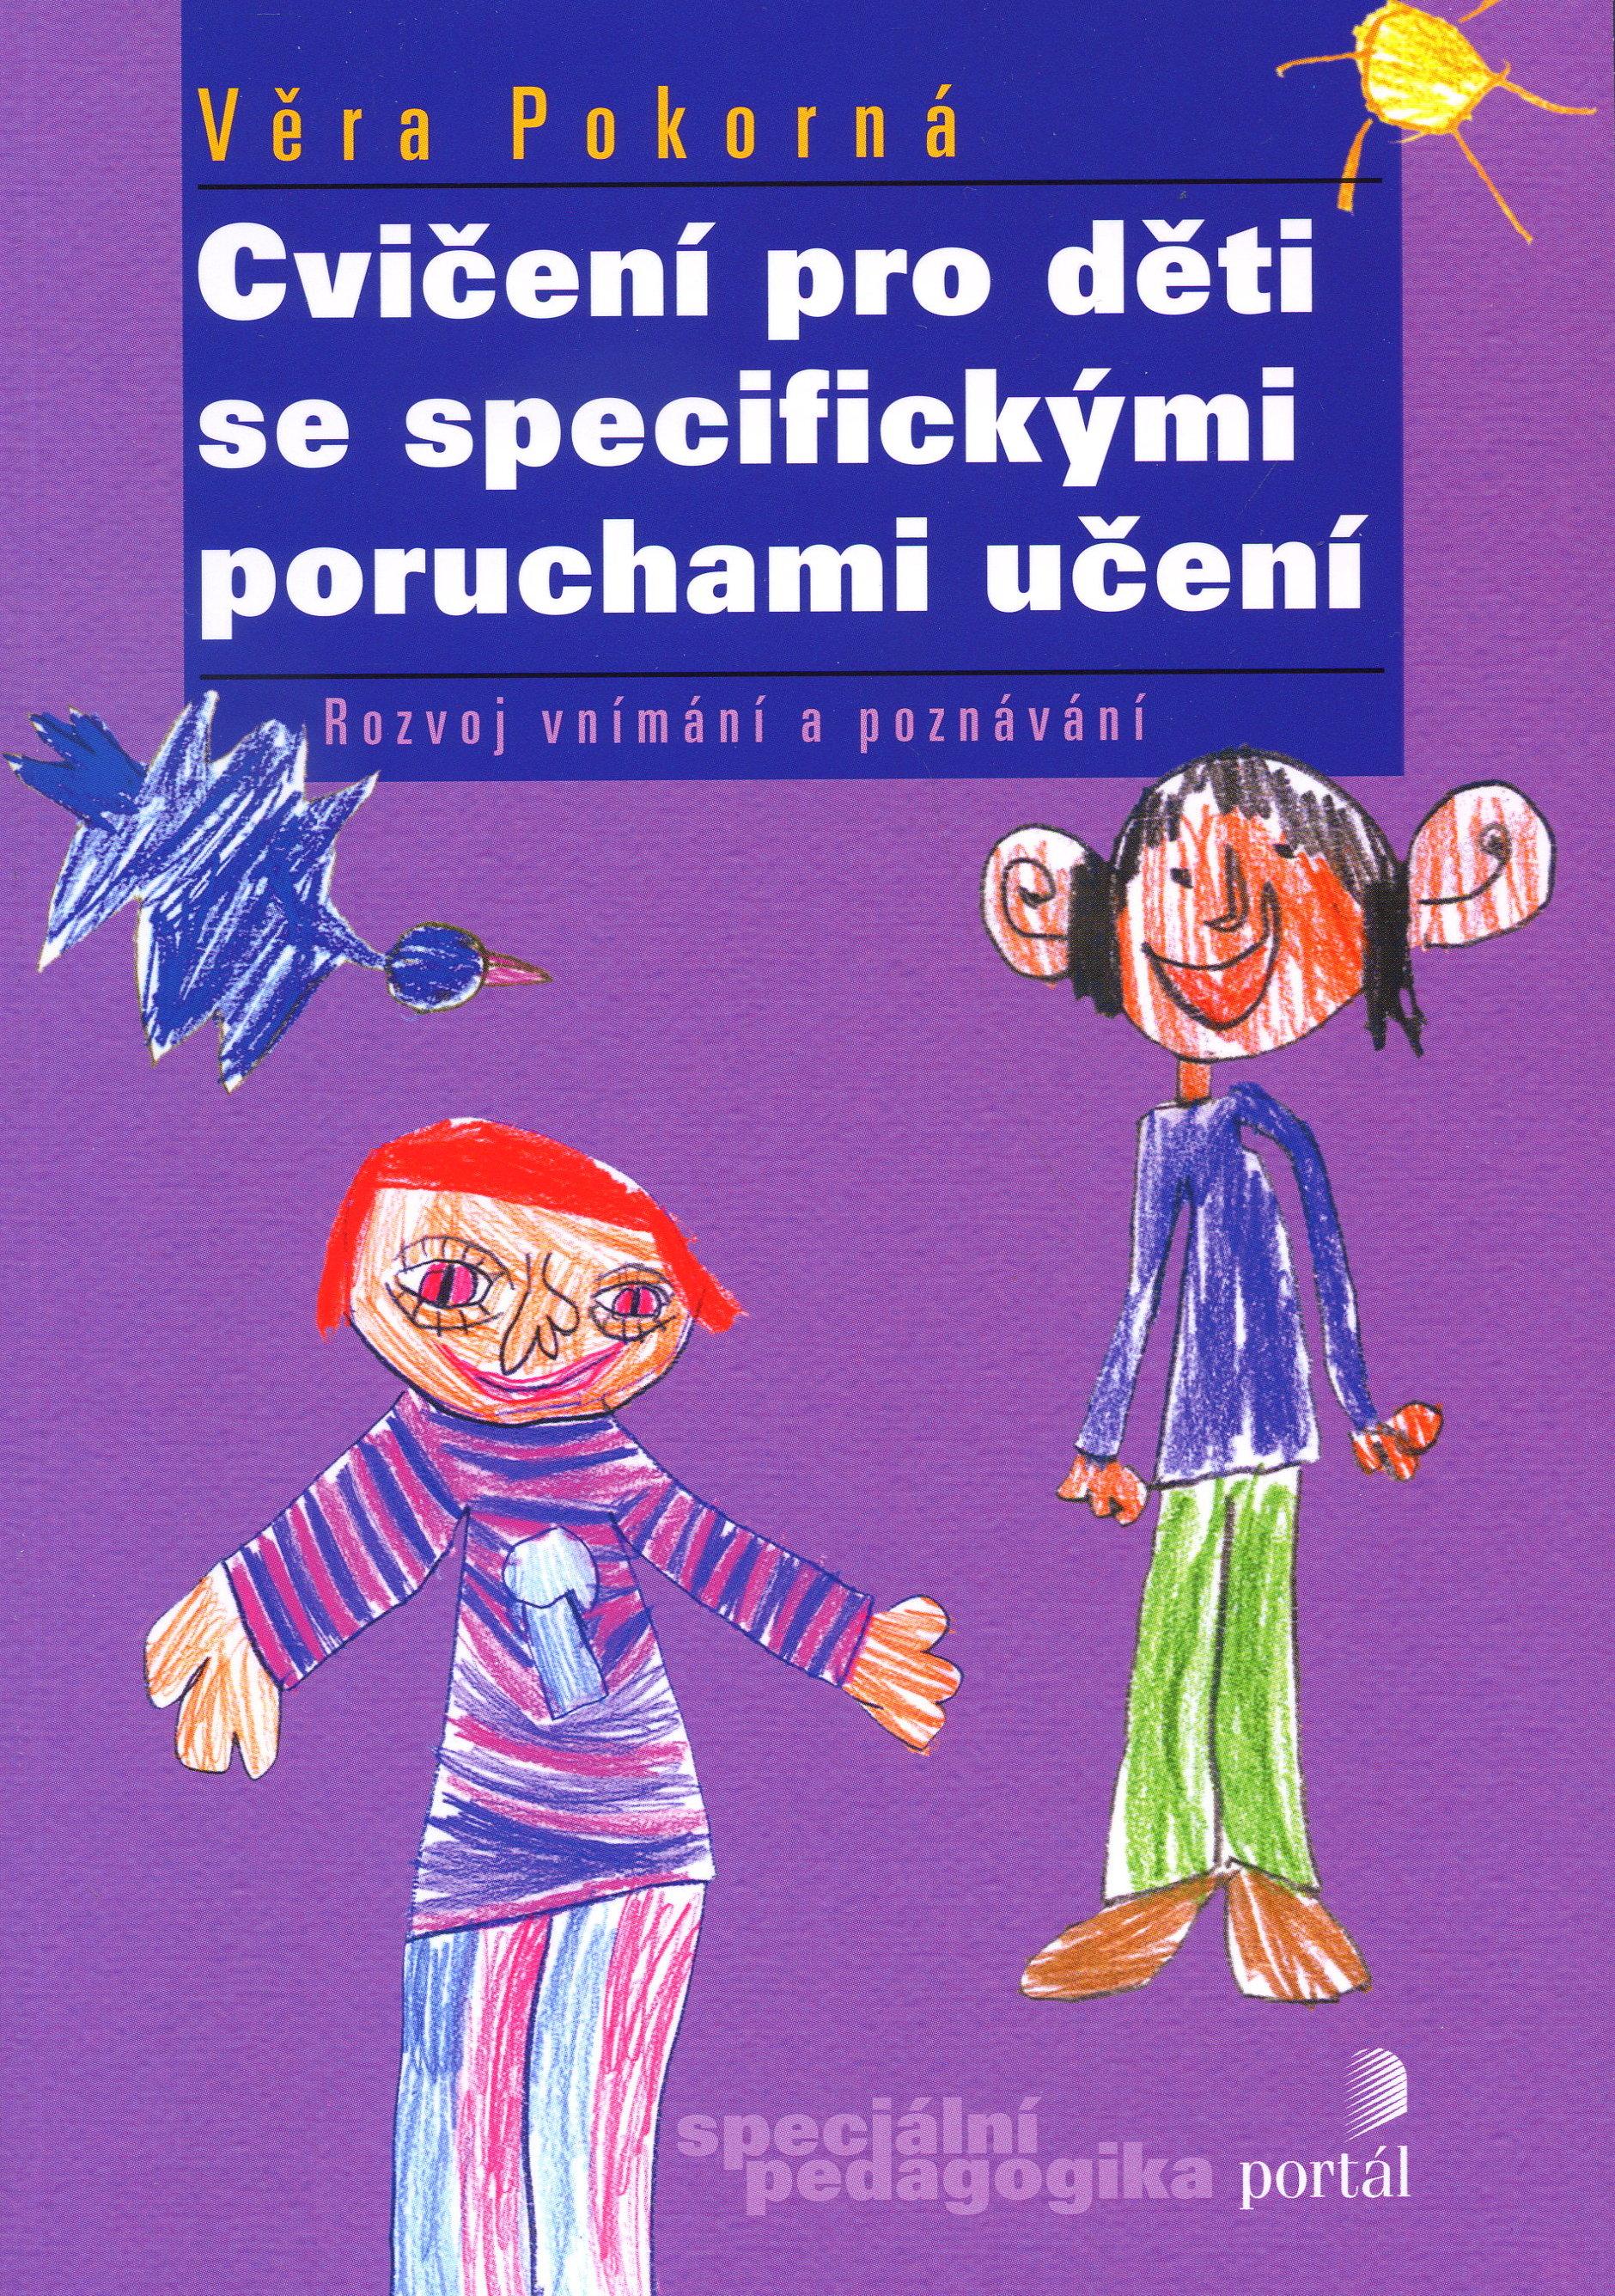 Cvičení pro děti se specifickými poruchami učení - Rozvoj vnímání a poznávání